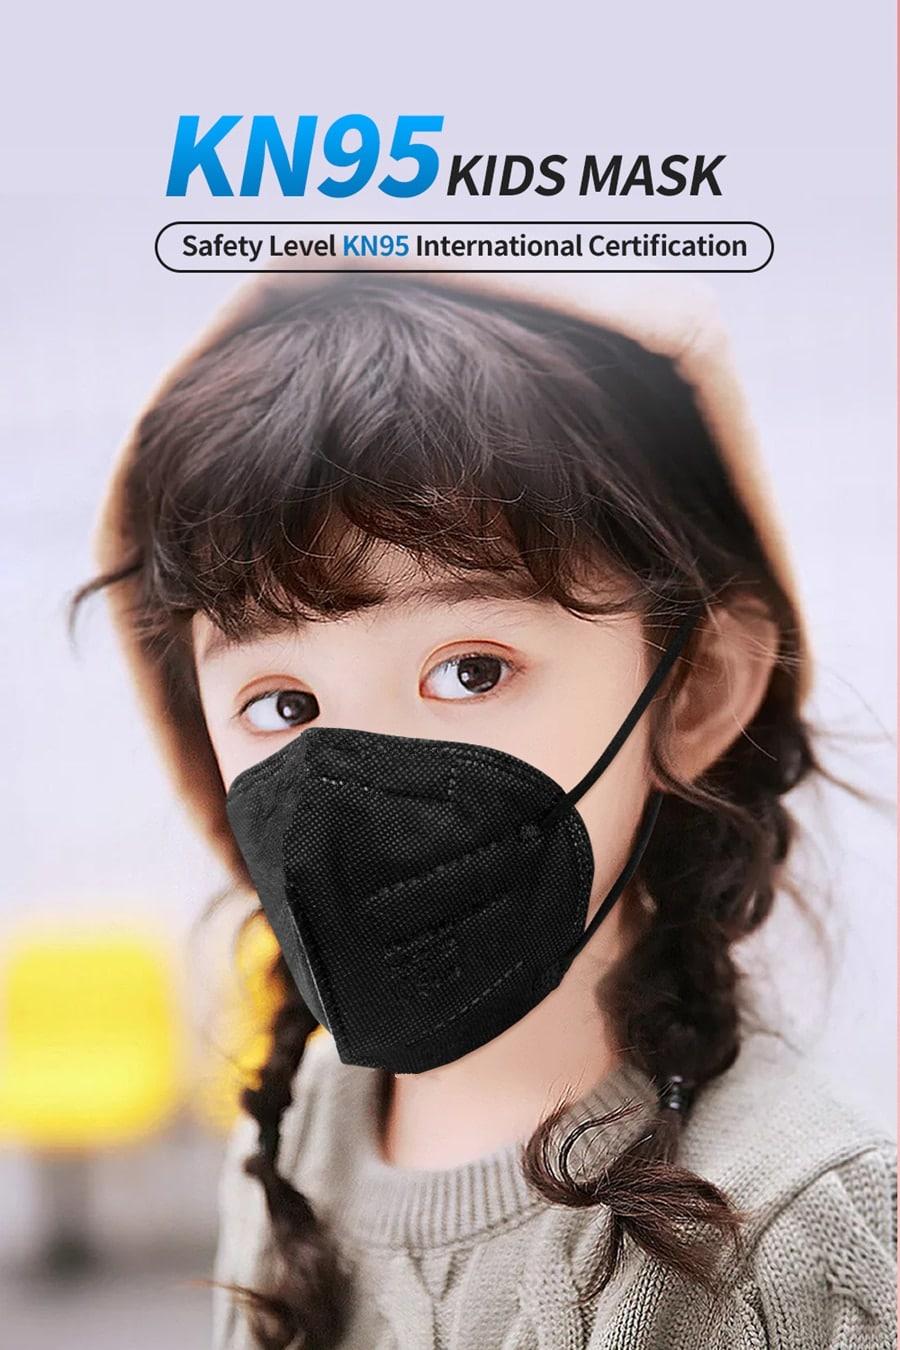 Los niños reutilizable FFP2 máscara KN95 aprobado Mascarillas FPP2 Ffp2mask negro niños máscaras FFP 2 FFP3 protección boca Maske CE